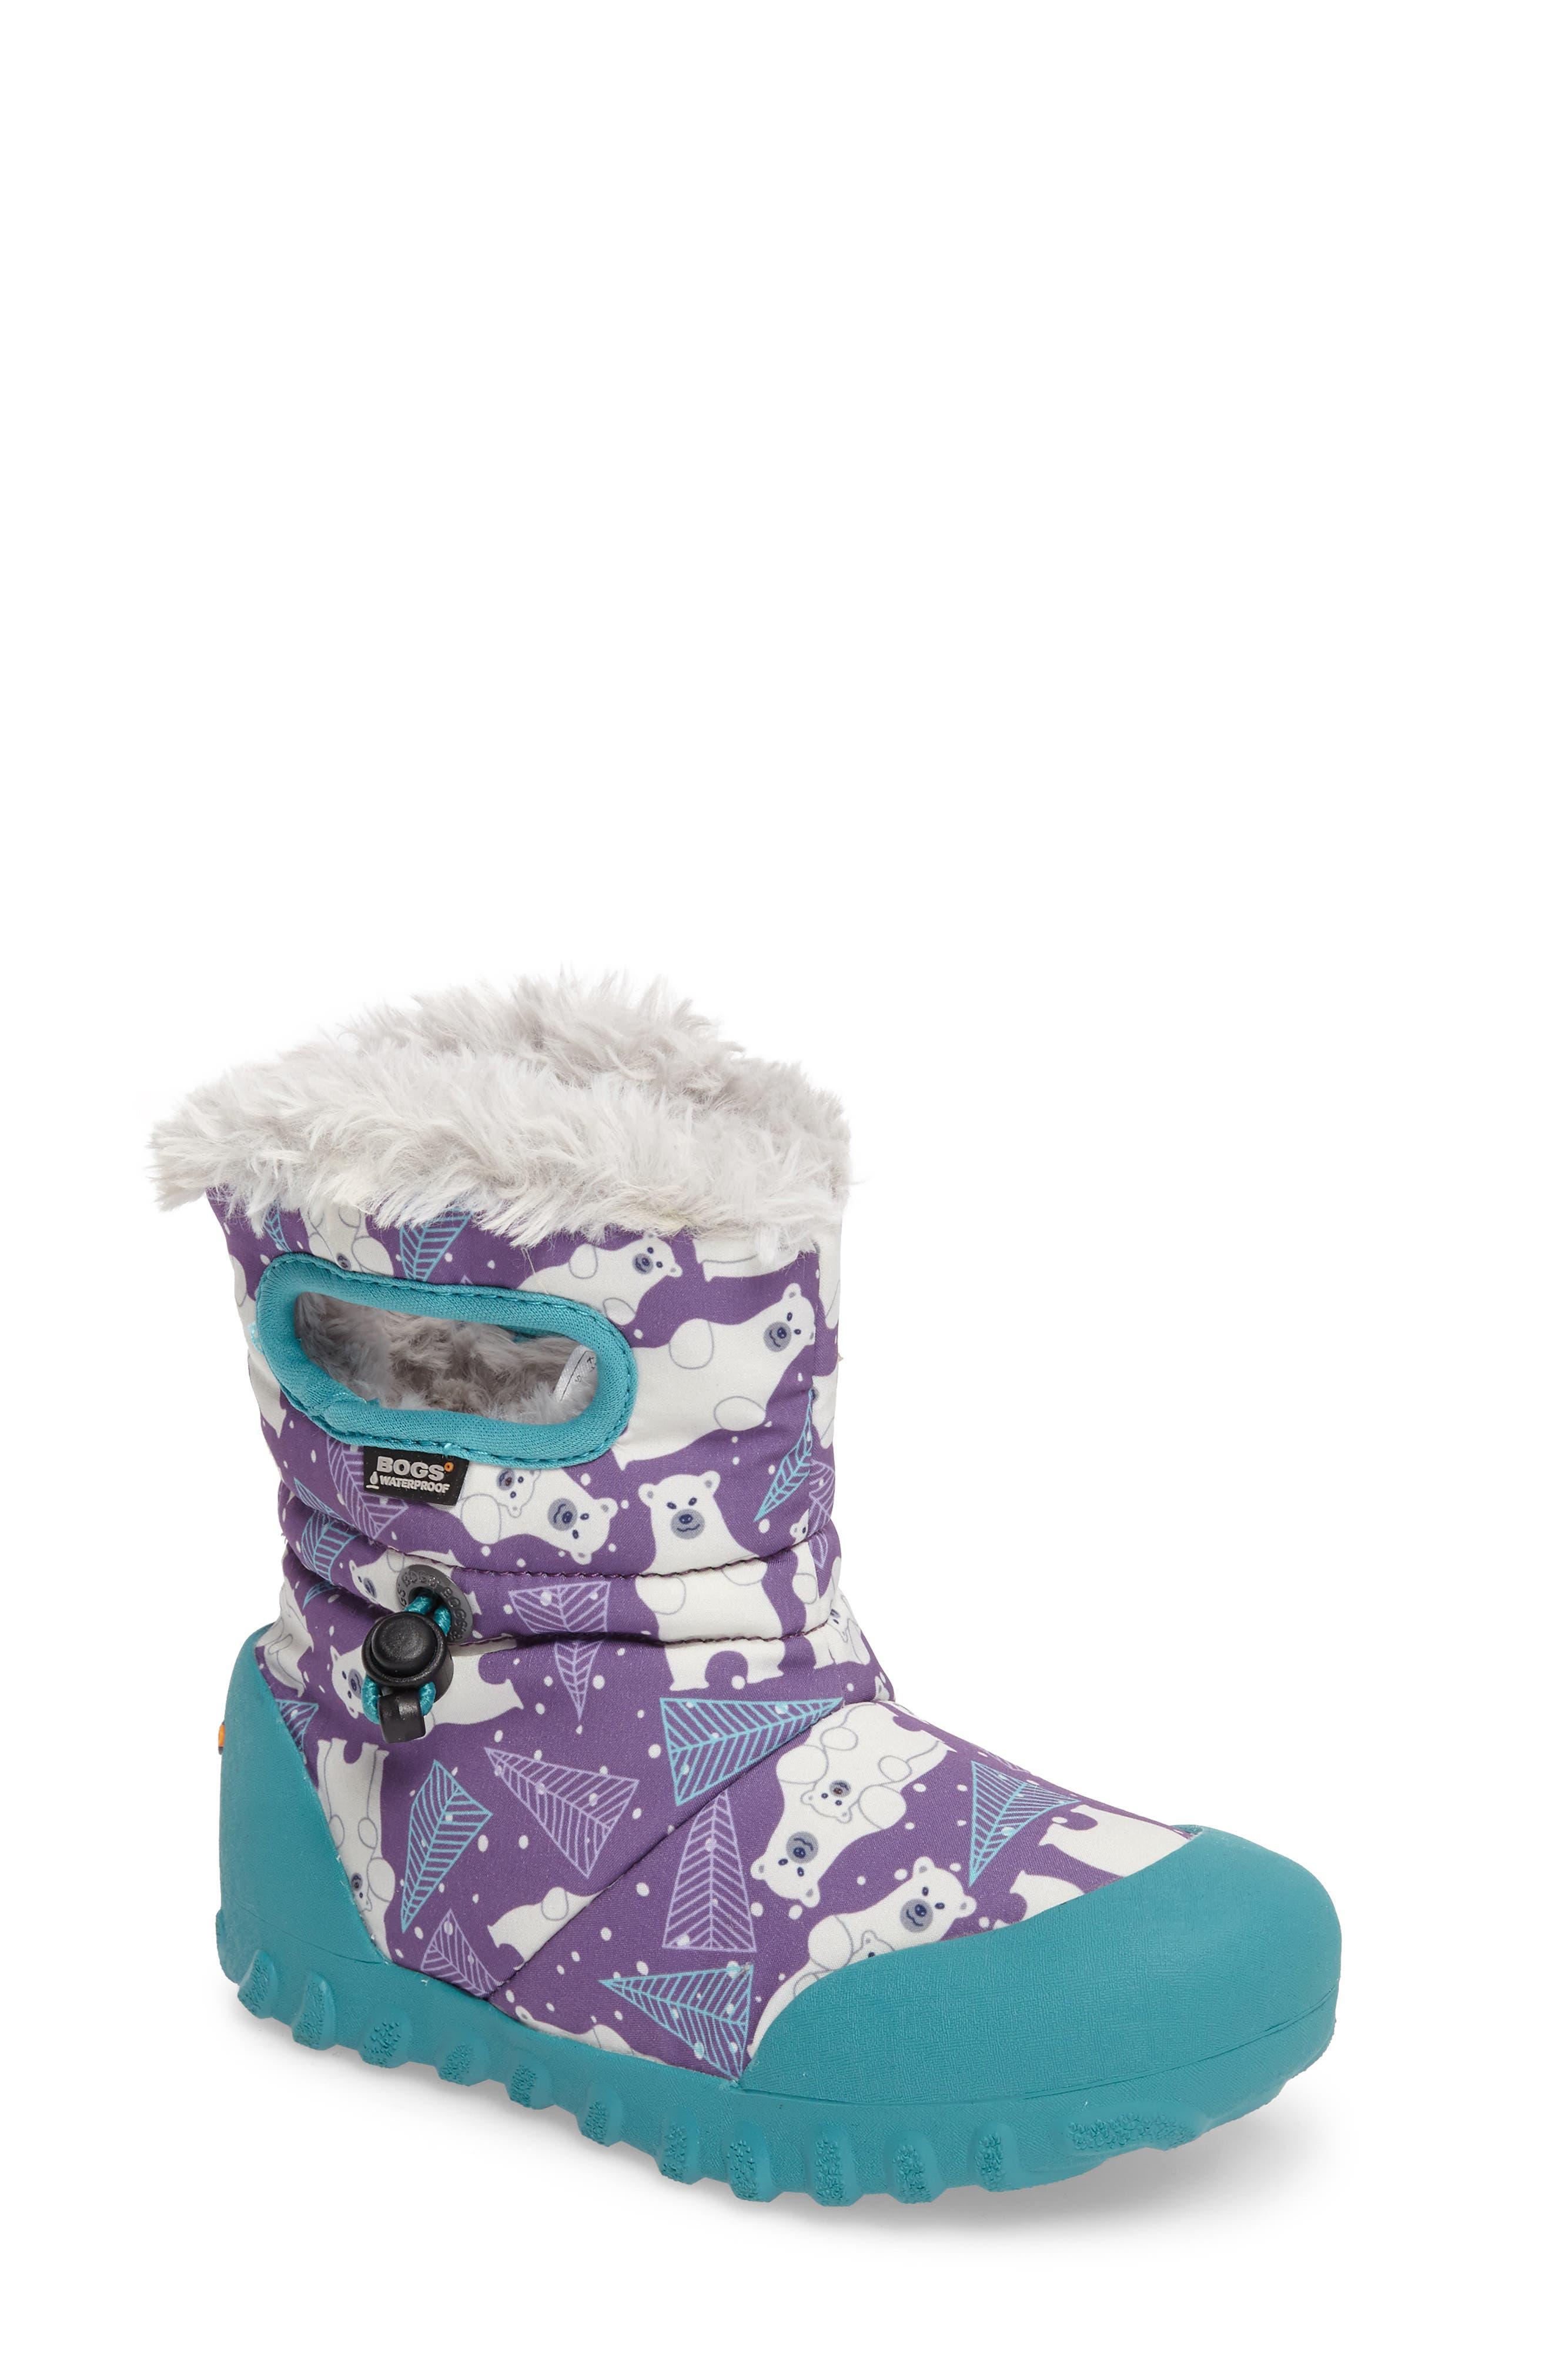 Bogs B-MOC Bears Waterproof Insulated Faux Fur Boot (Walker, Toddler, Little Kid & Big Kid)